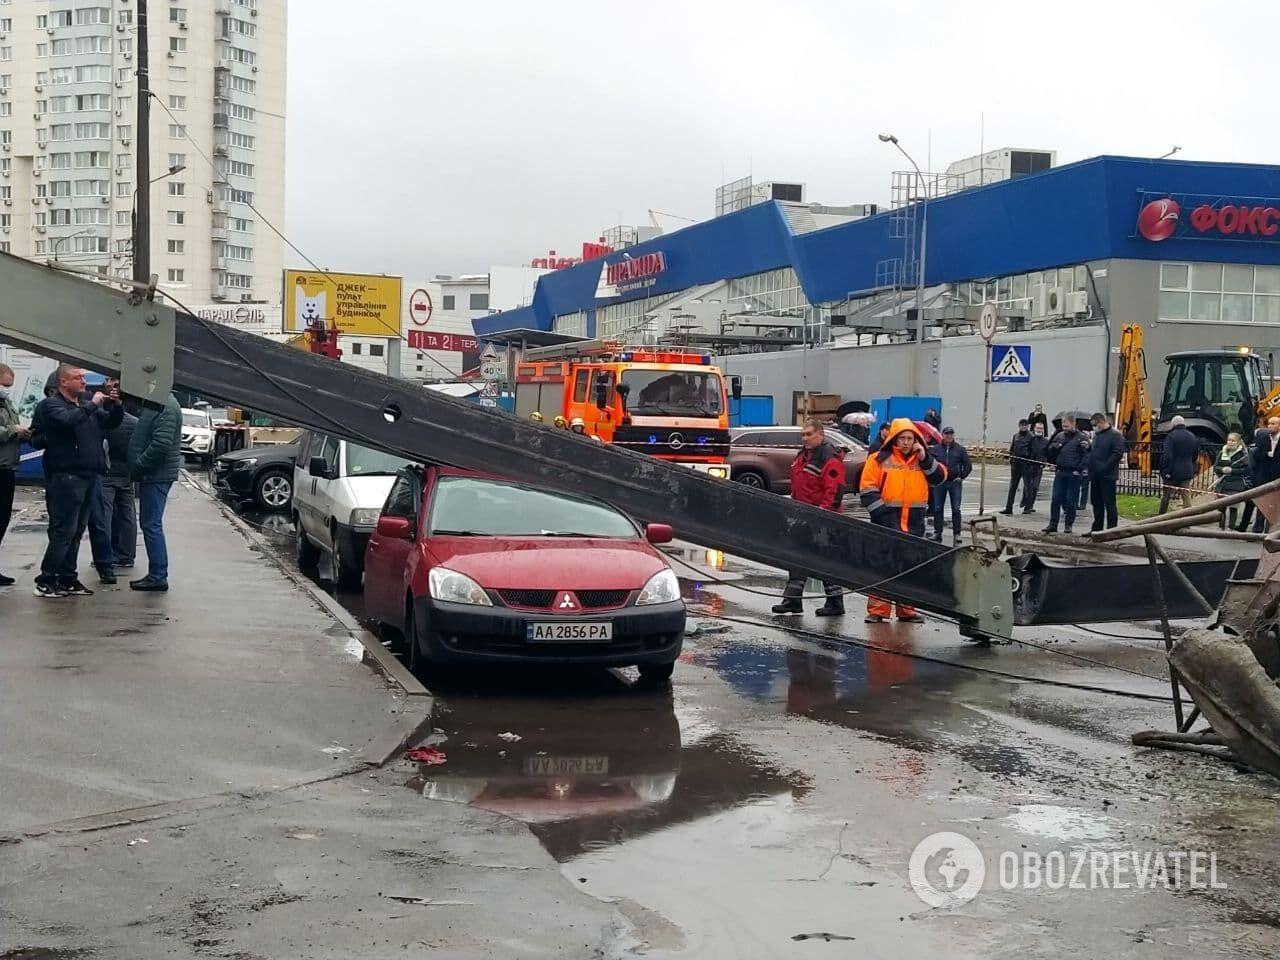 Конструкция раздавила авто